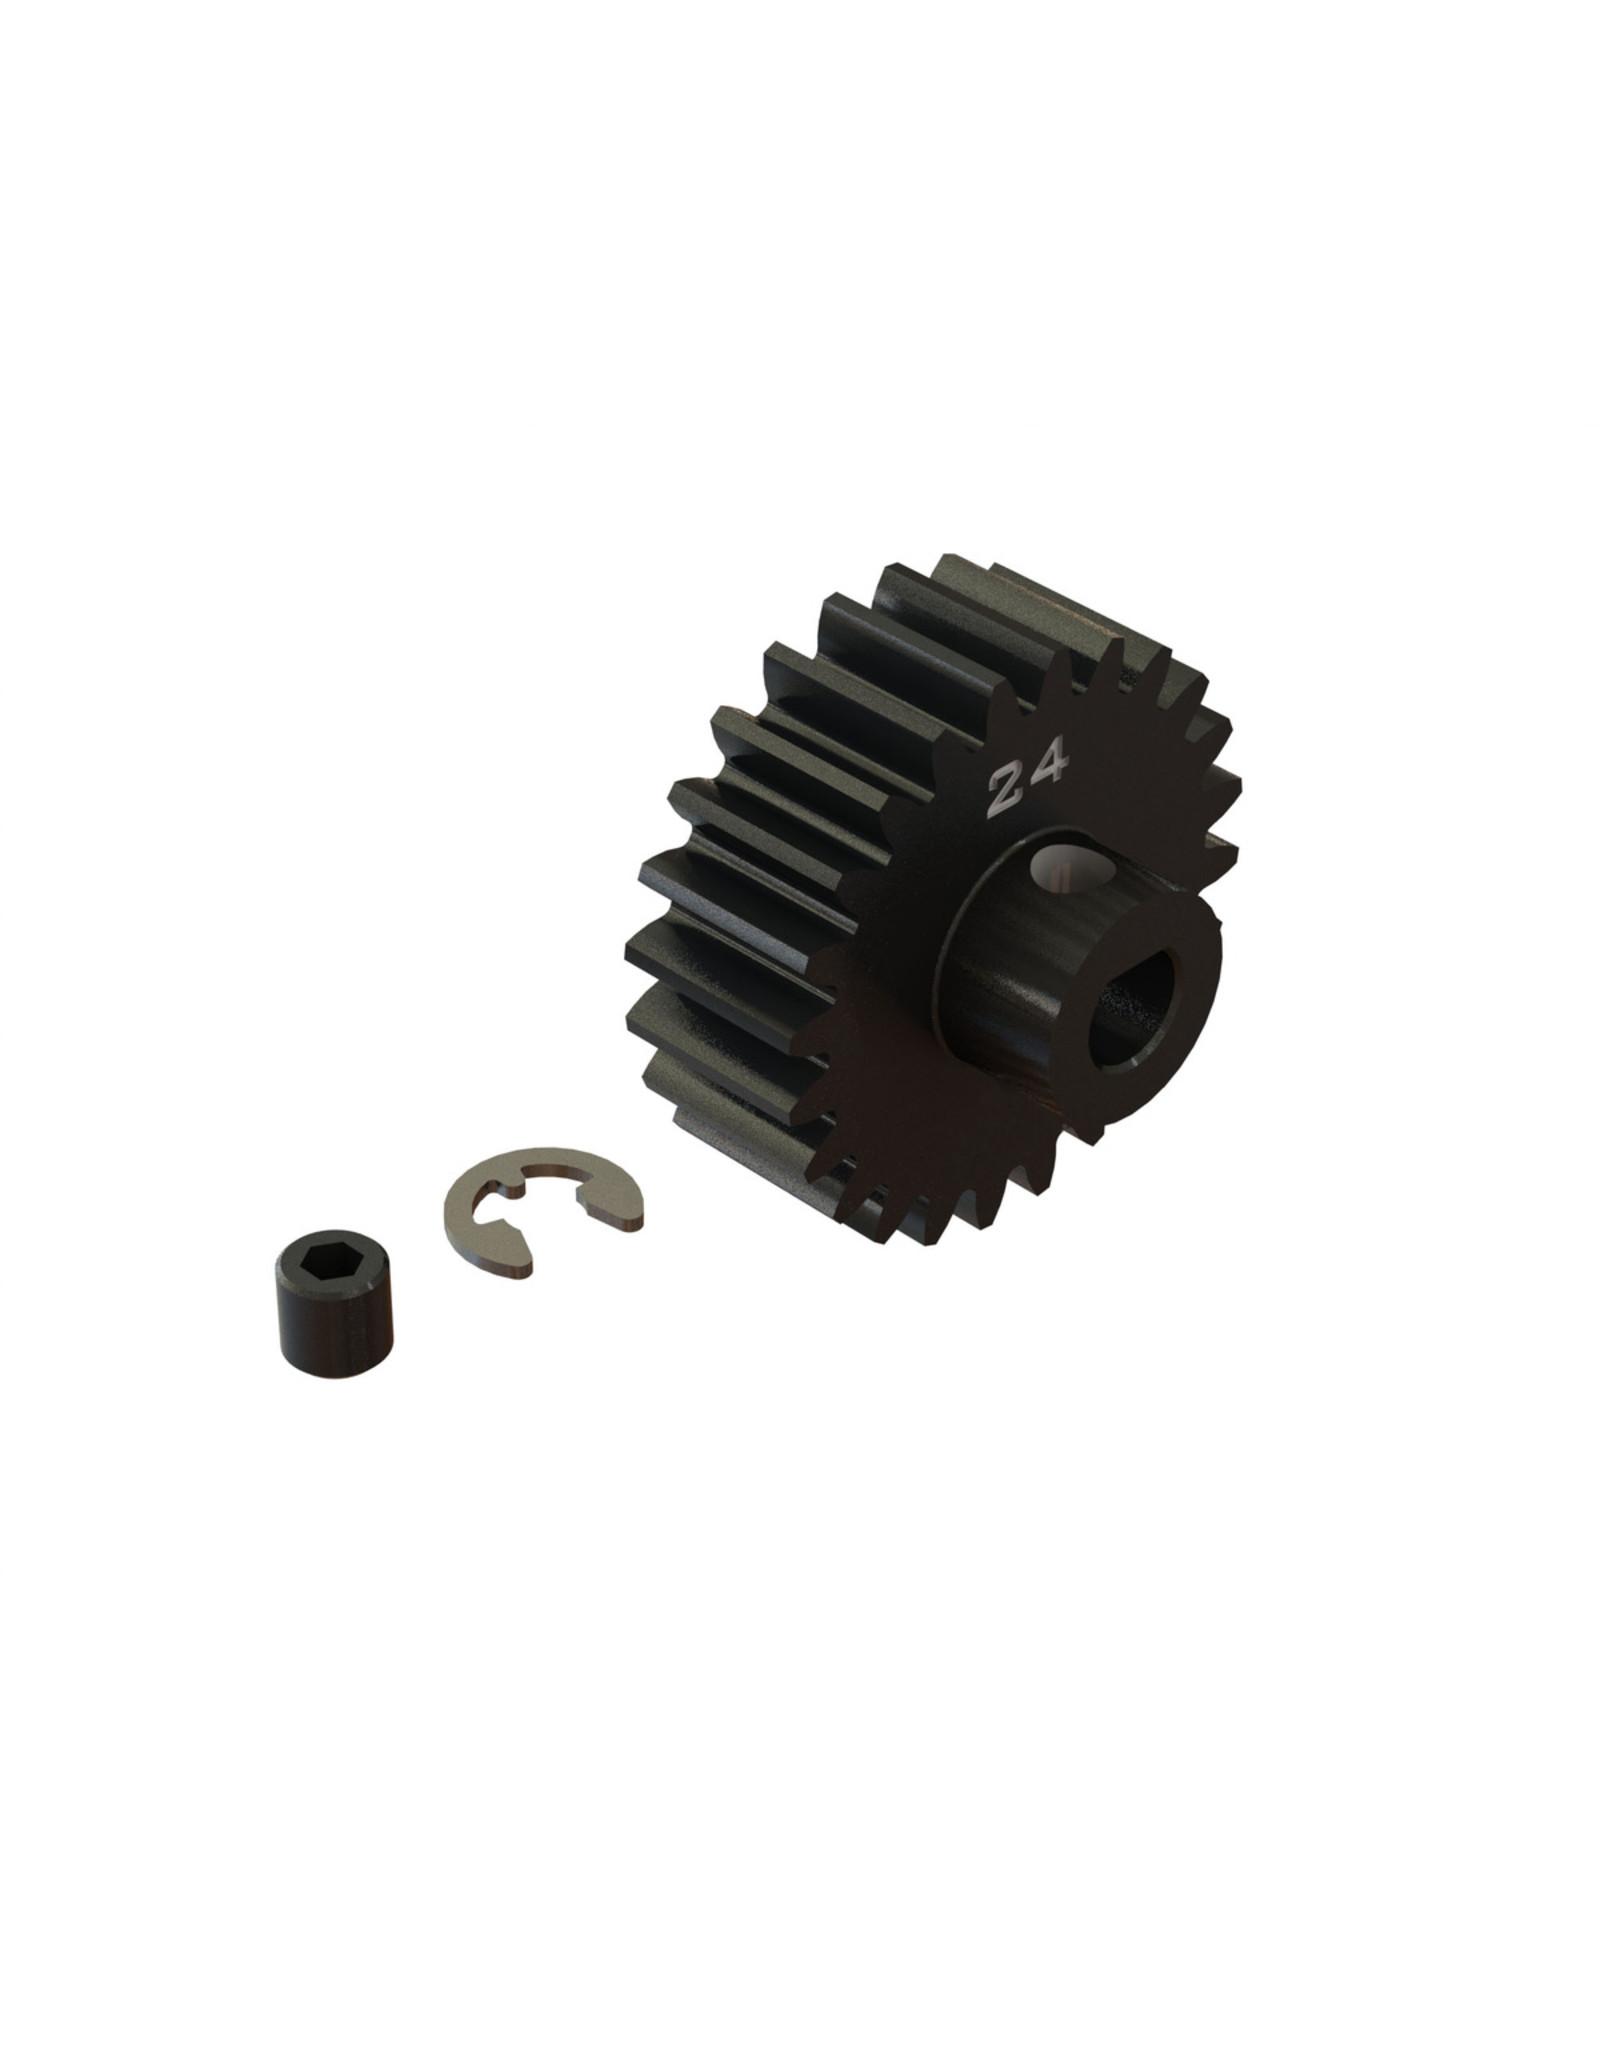 Arrma 24T Mod1 Safe-D5 Pinion Gear (310971)